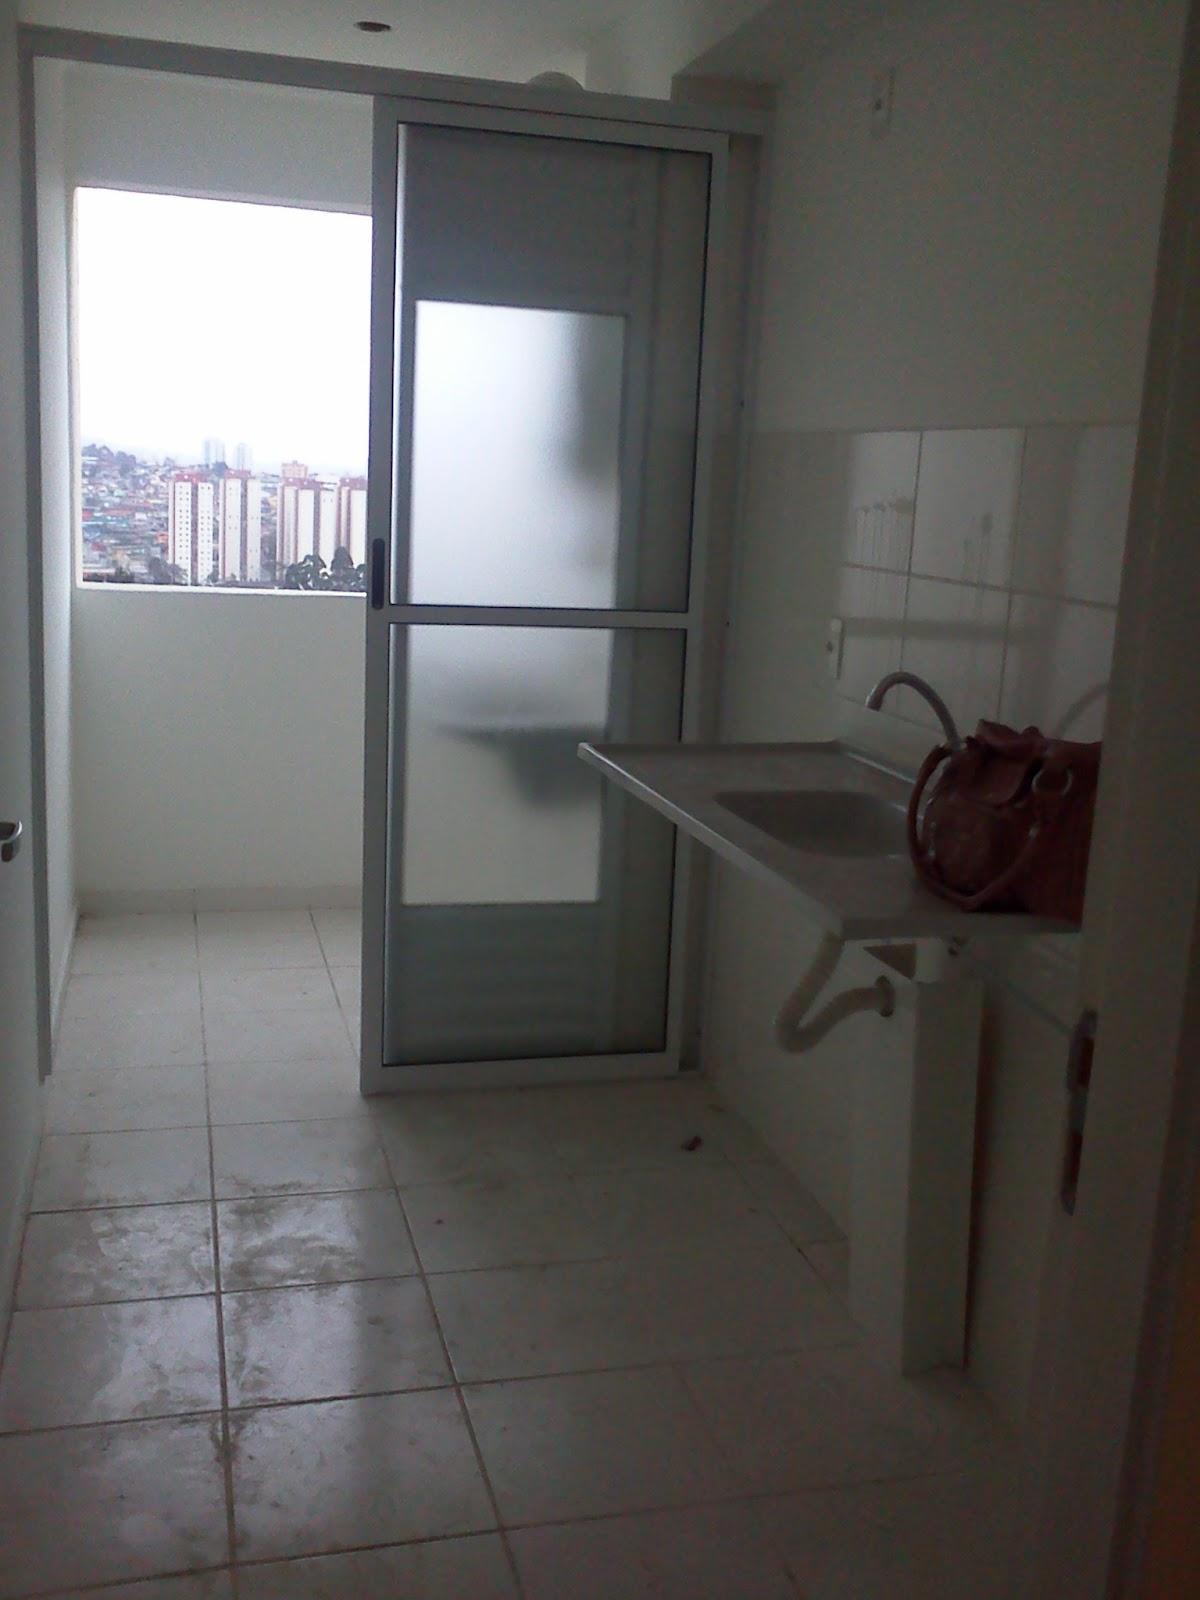 Meu primeiro Apartamento: Chaves na mão e reforma em vista  #515B7A 1200 1600